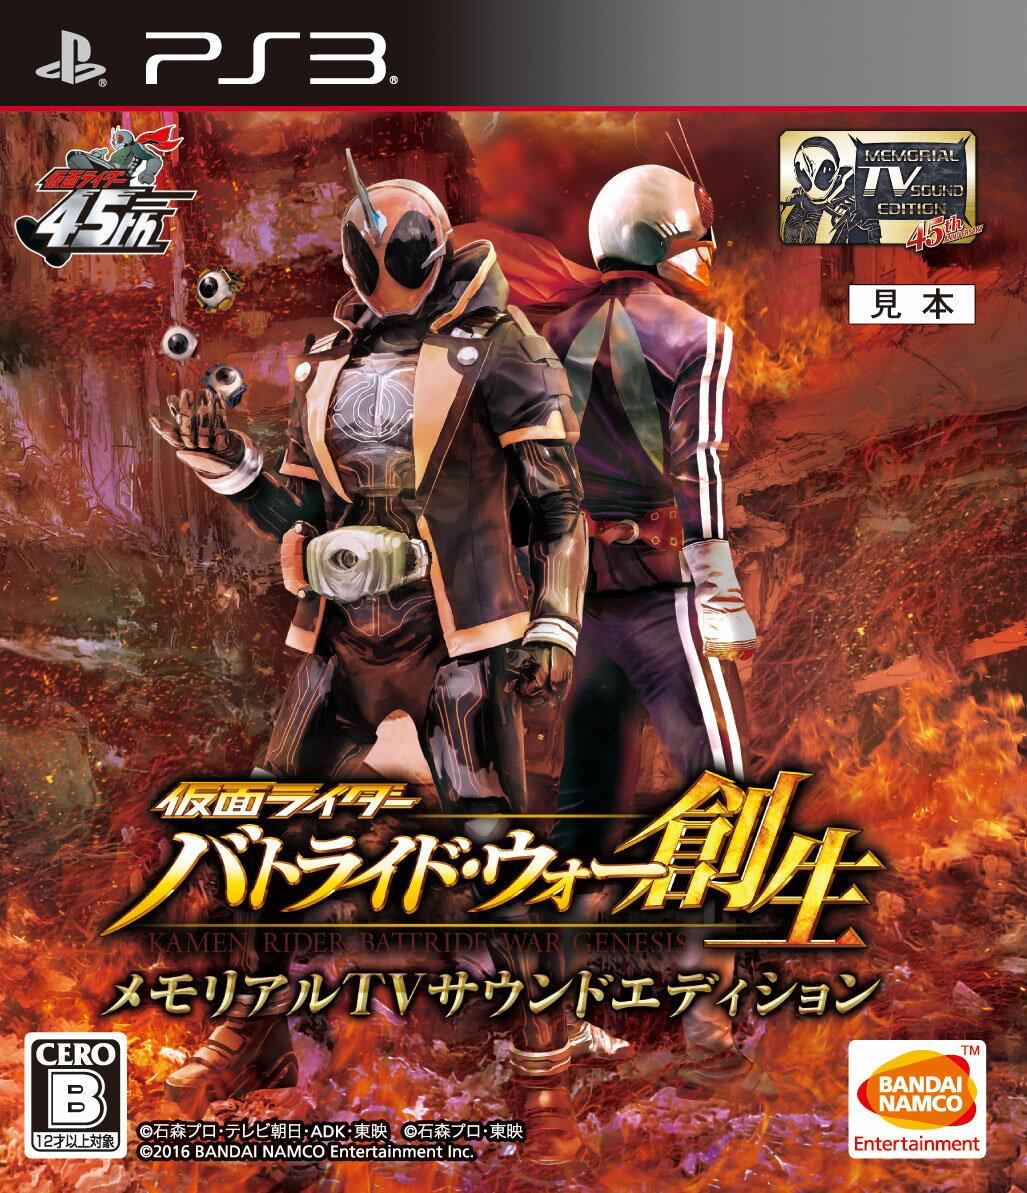 仮面ライダー バトライド・ウォー 創生 メモリアルTVサウンドエディション PS3版